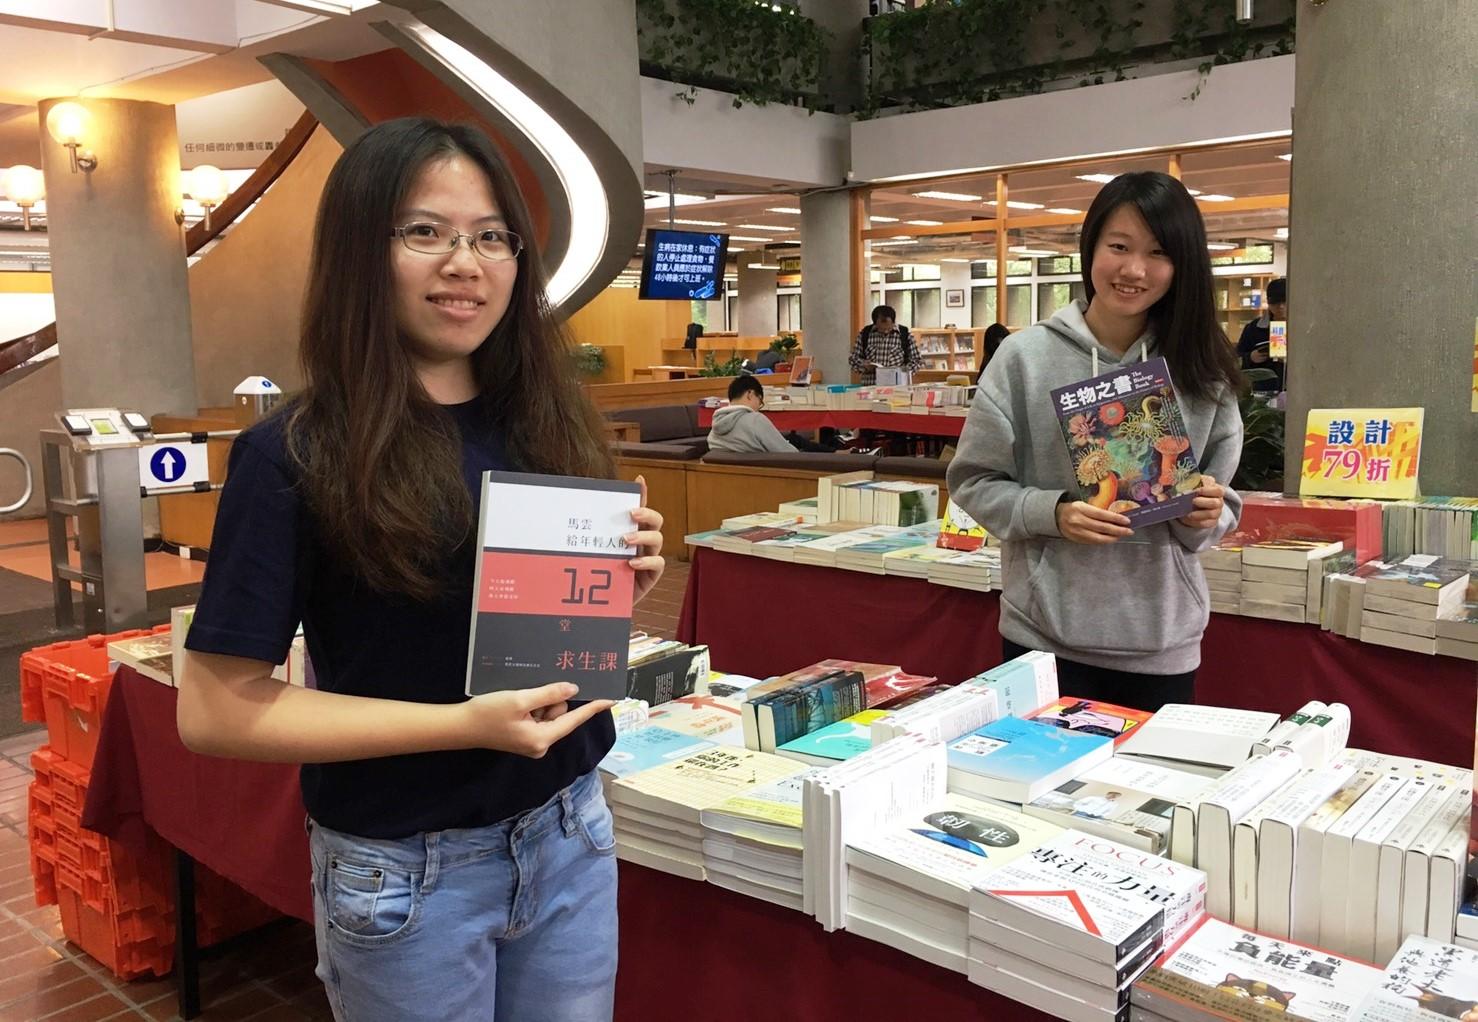 中原大學書展活動「一千零一頁」 推廣全人閱讀迎接新學期